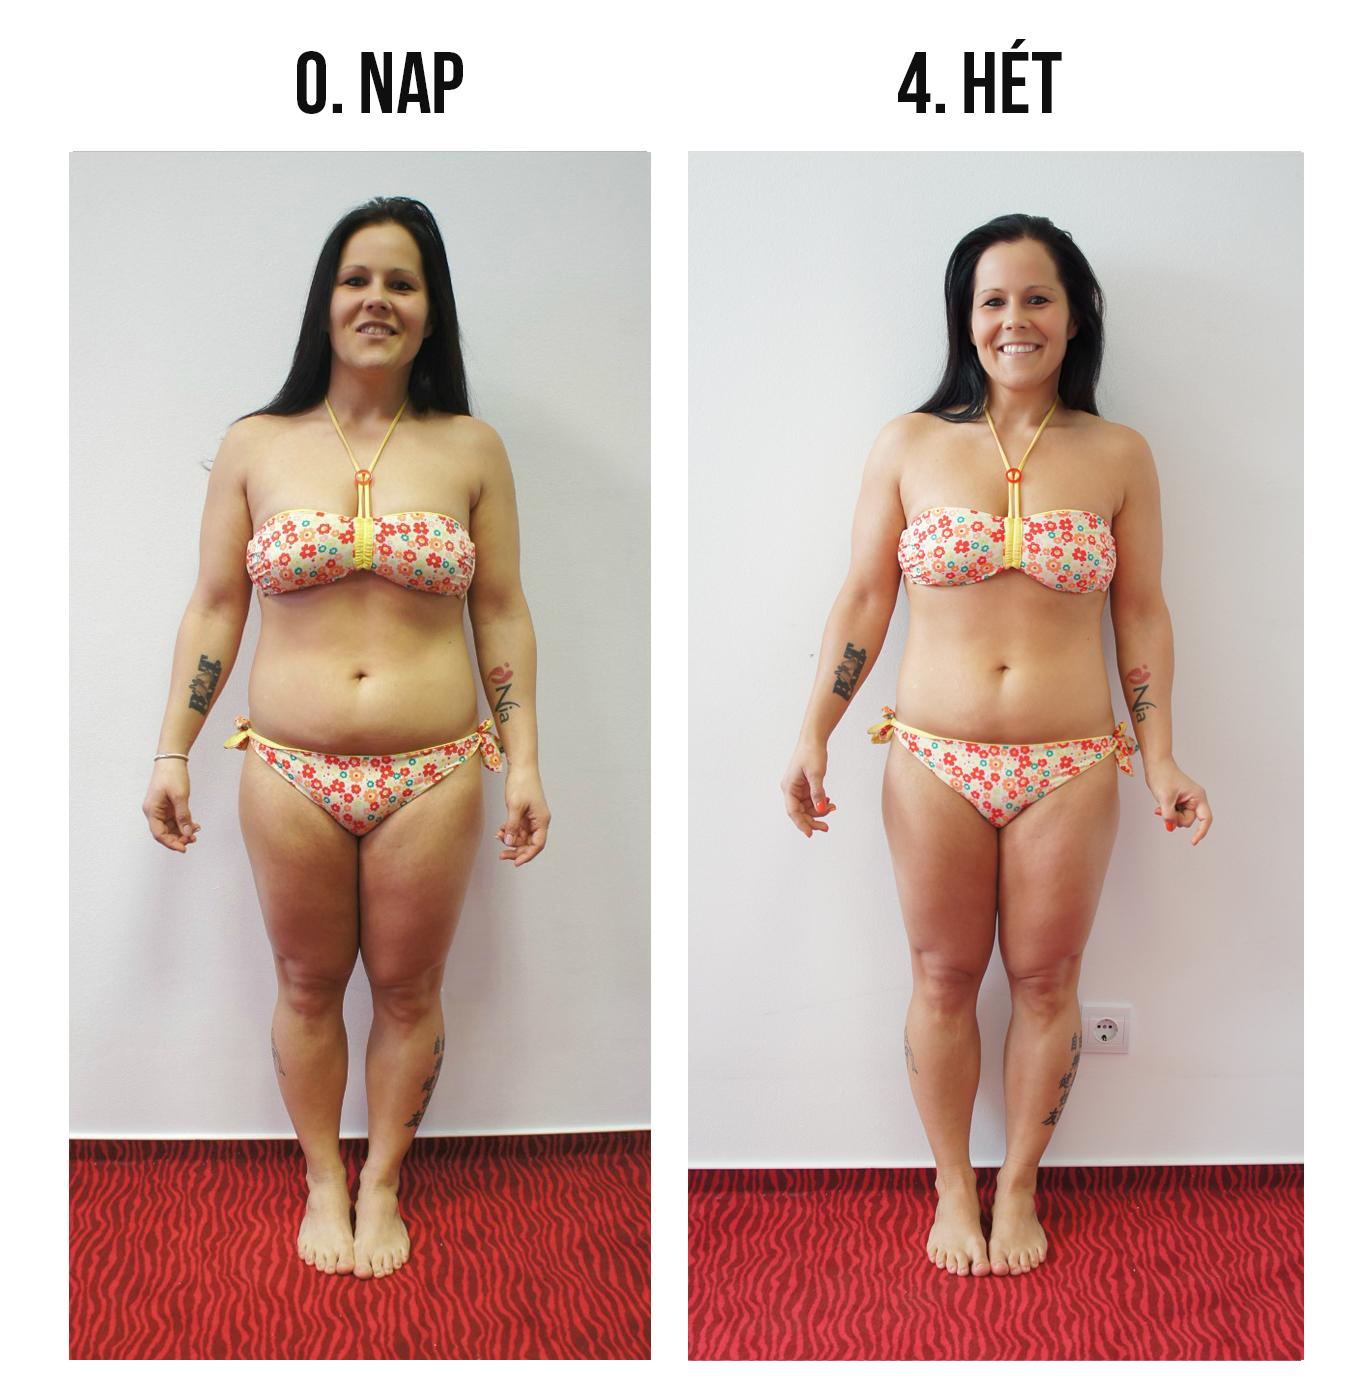 Zsírral égesd a zsírt! Ha fogyni akarsz, ez elengedhetetlen! - Page 2 of 2 - appartmanhaus.hu